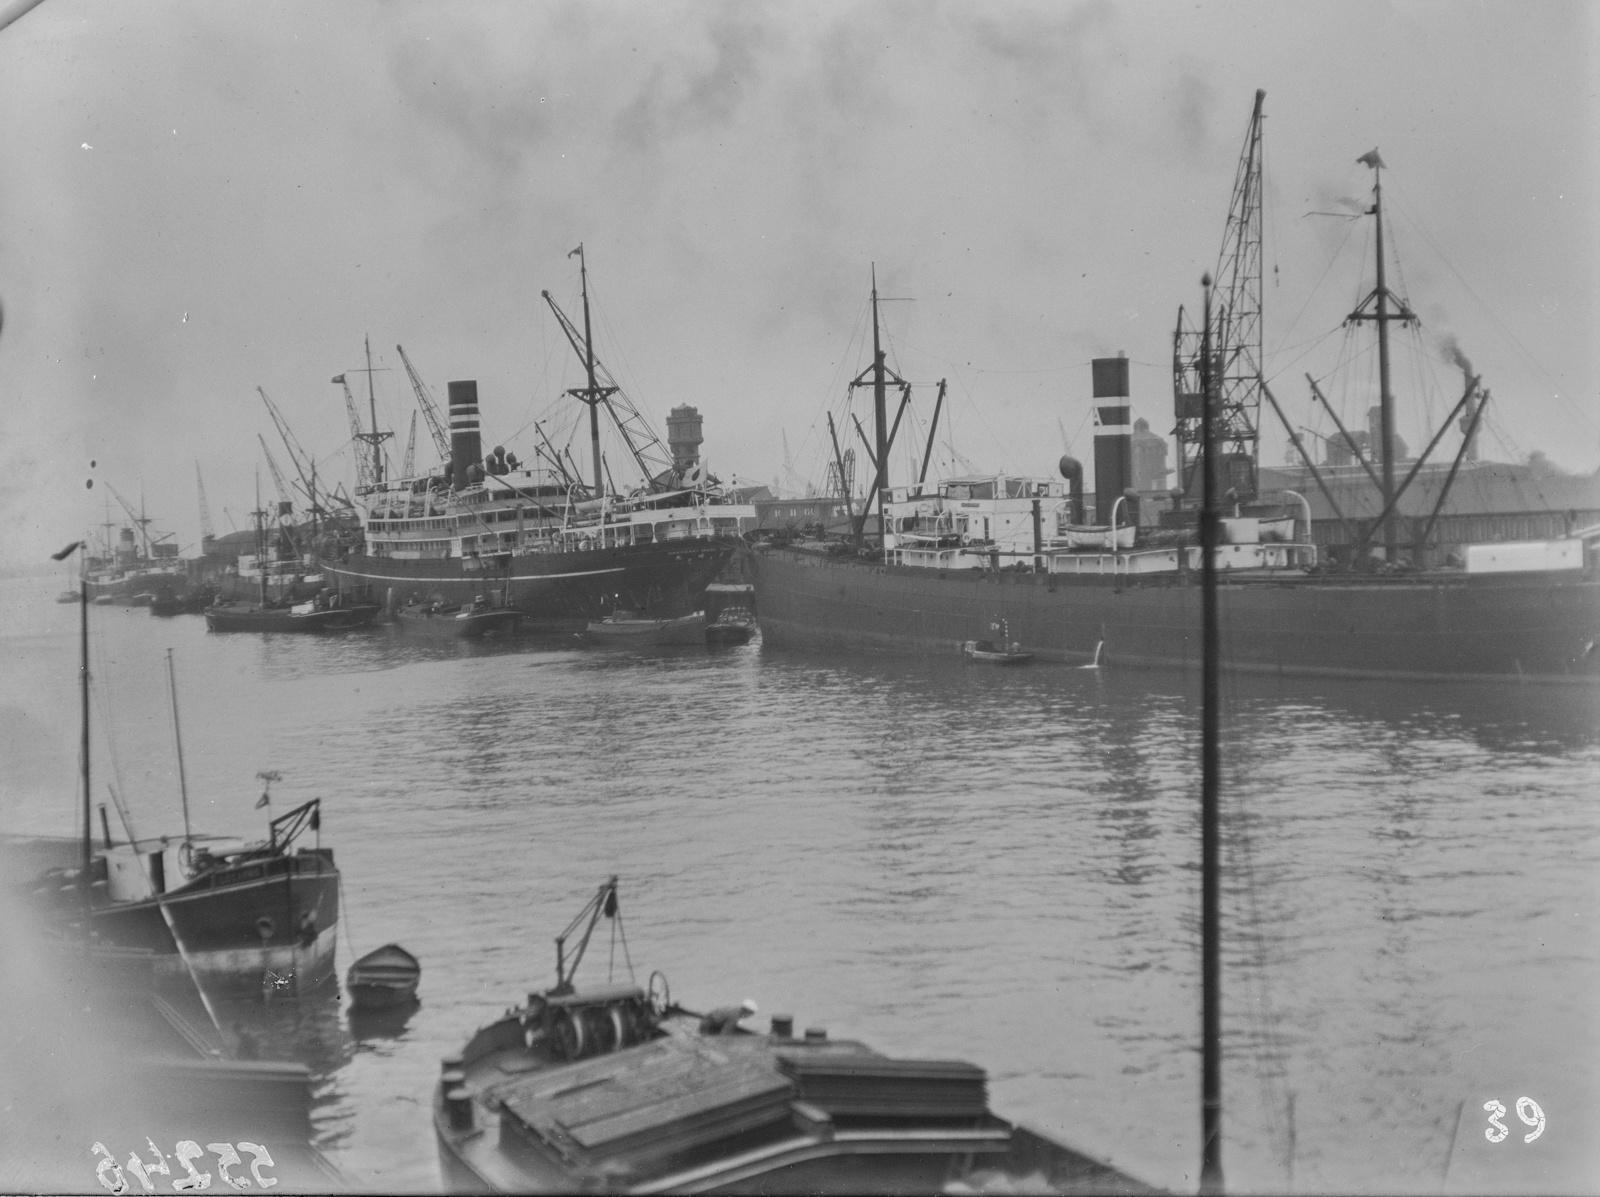 Антверпен. Вид на гавань с пароходами